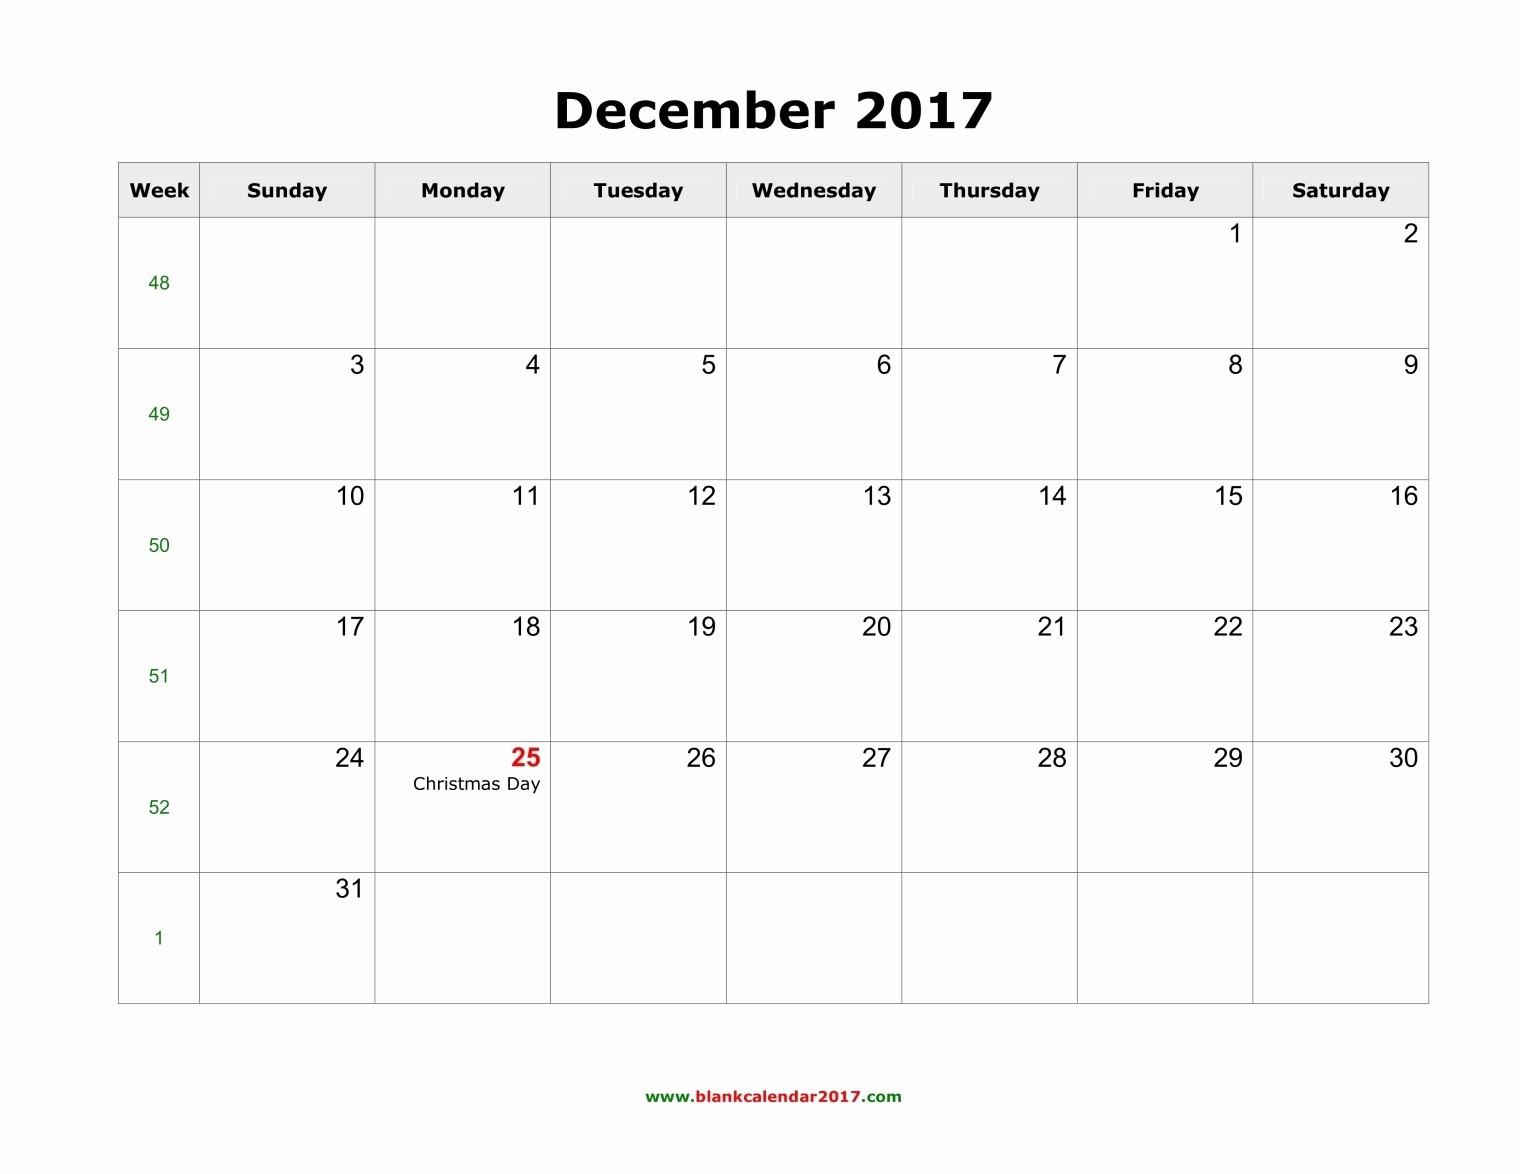 December 2017 Calendar Template Word Best Of December 2017 Calendar Word